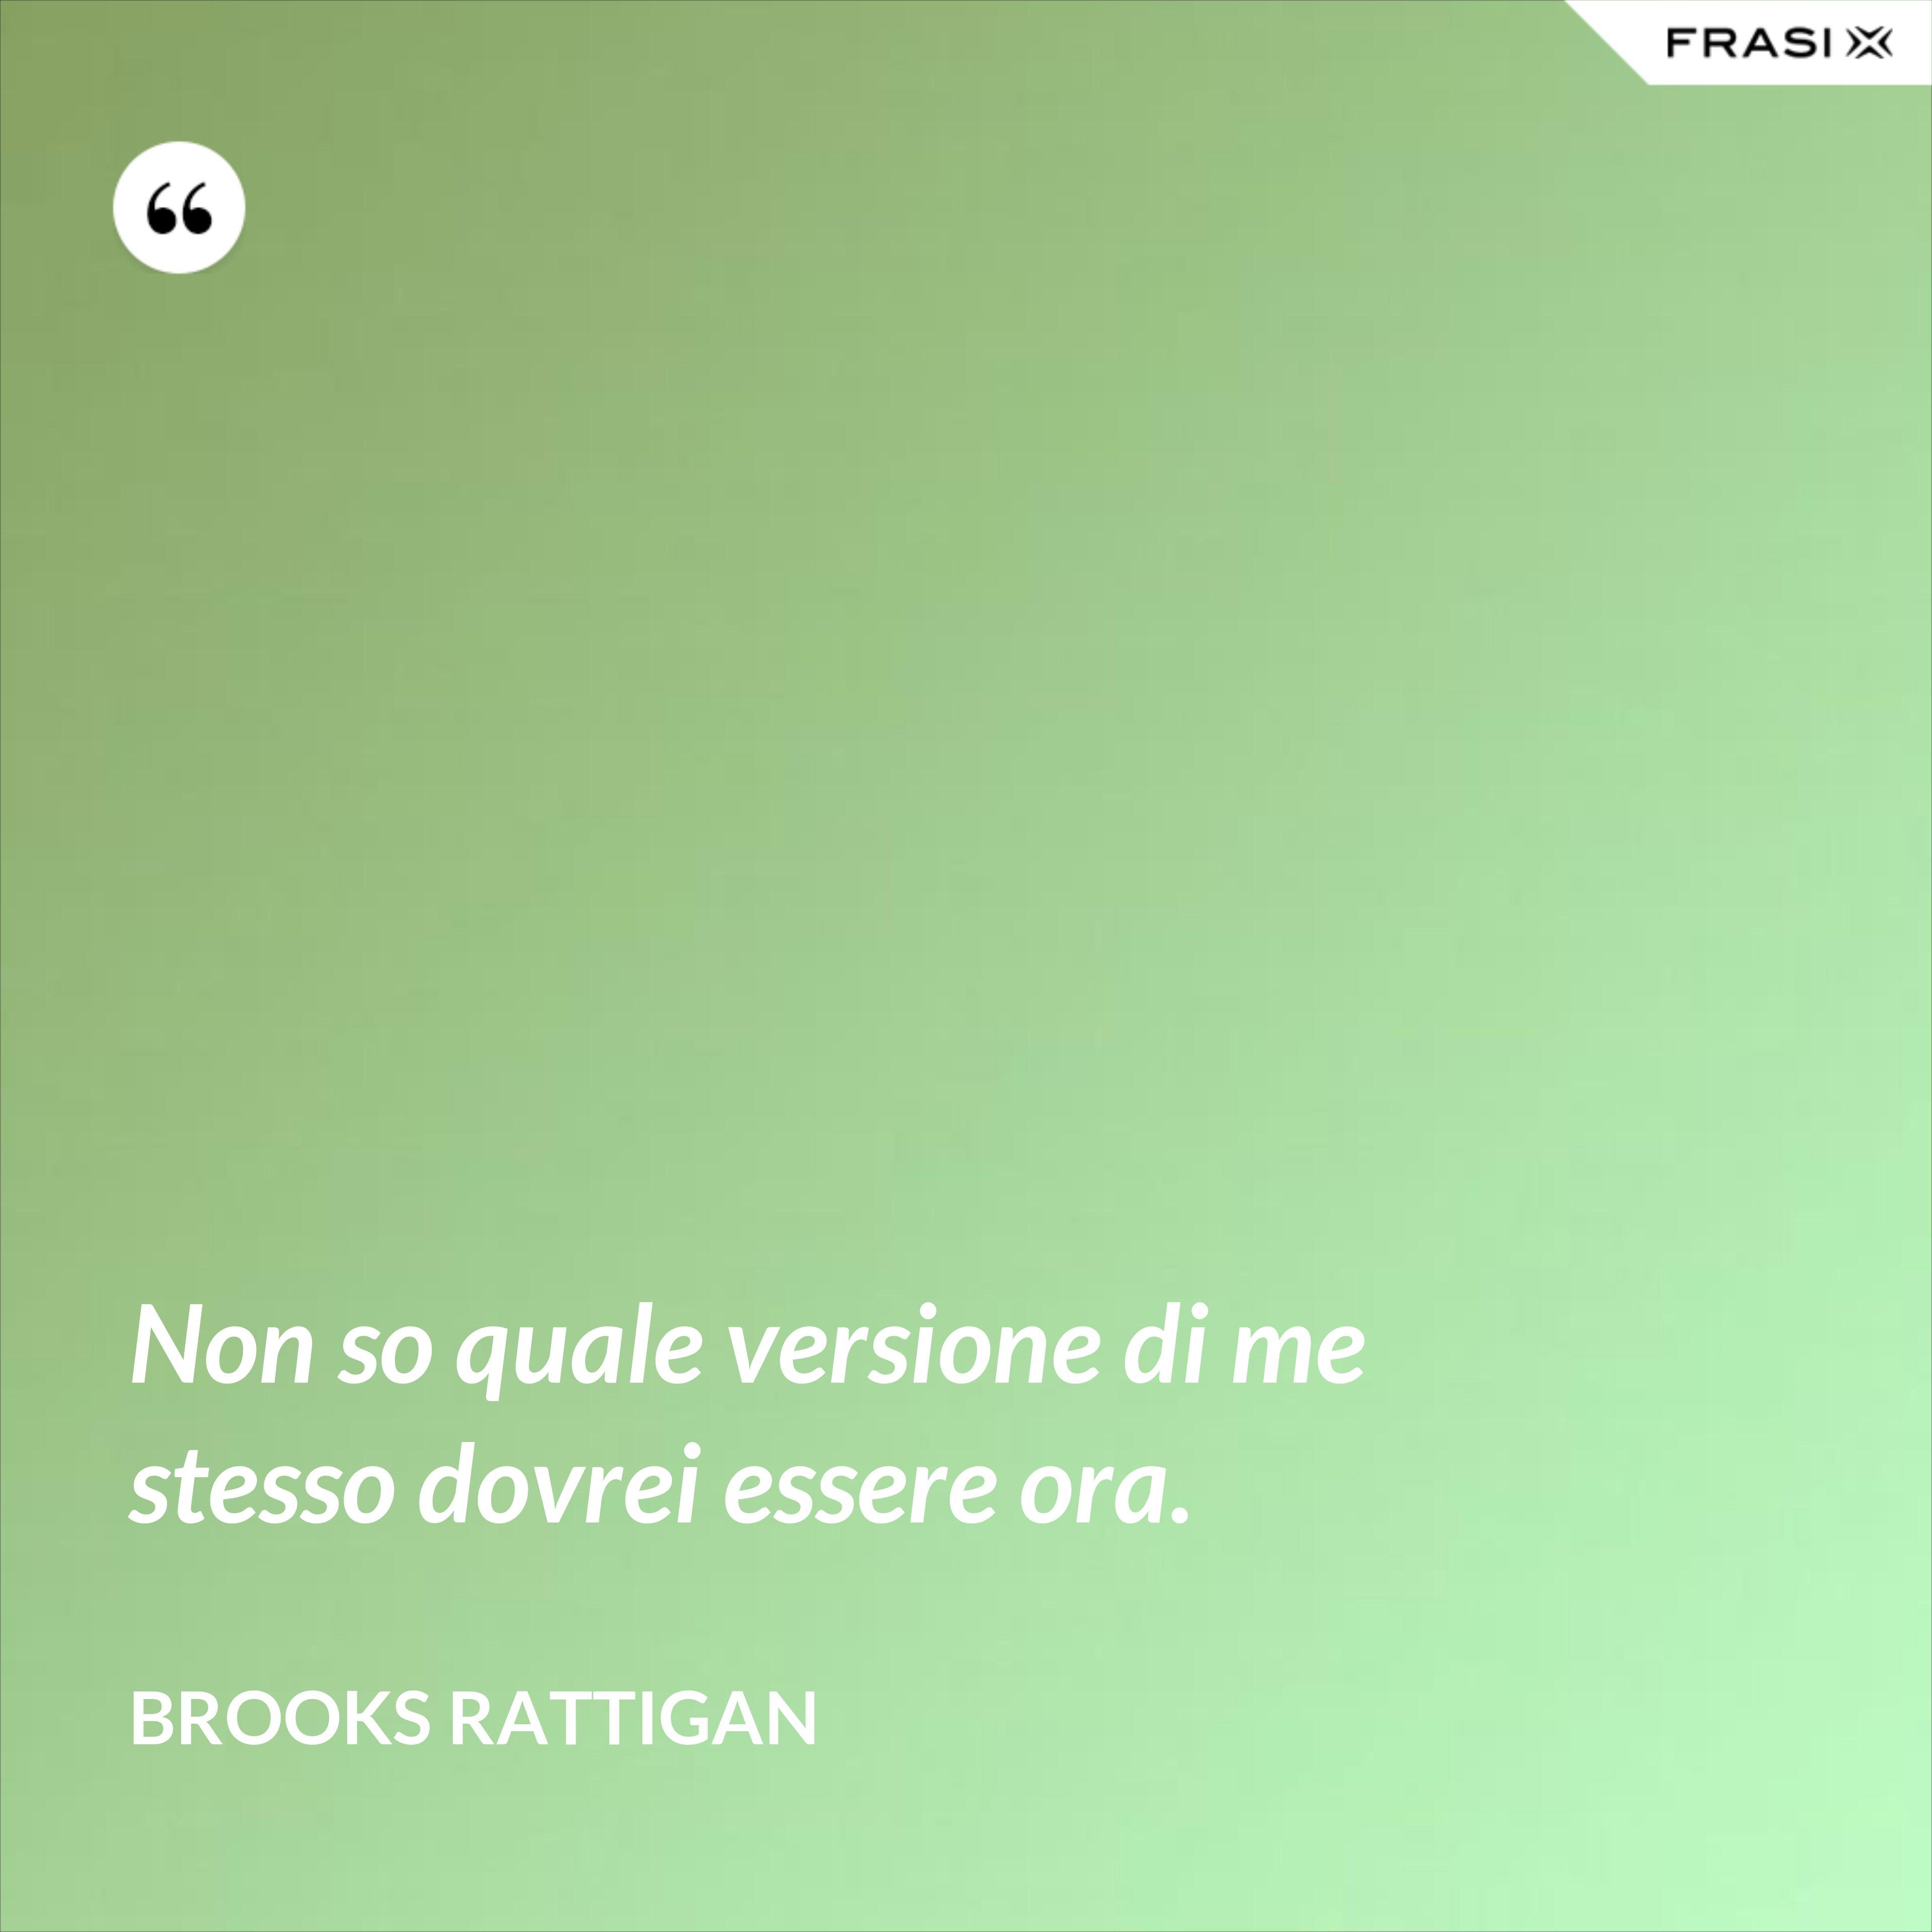 Non so quale versione di me stesso dovrei essere ora. - Brooks Rattigan